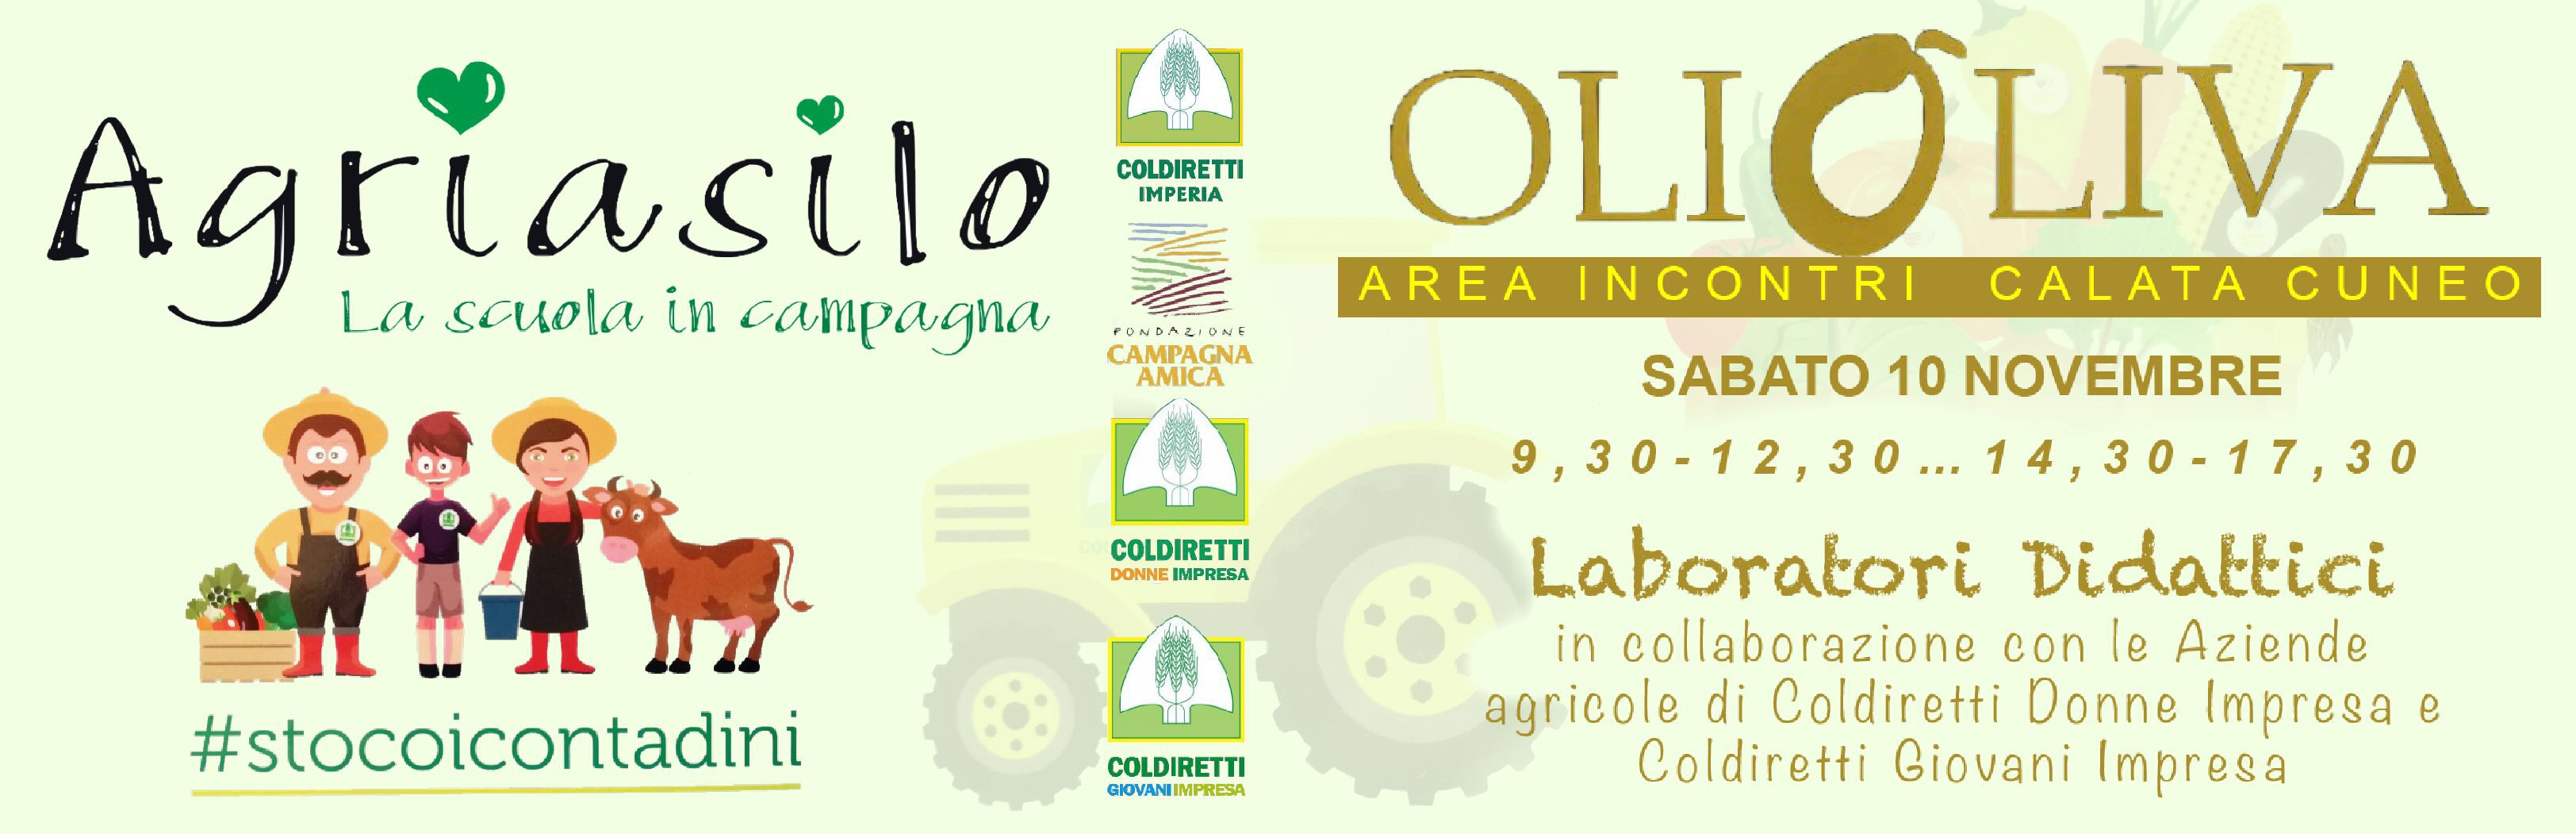 OliOliva – Area Incontri Calata Cuneo